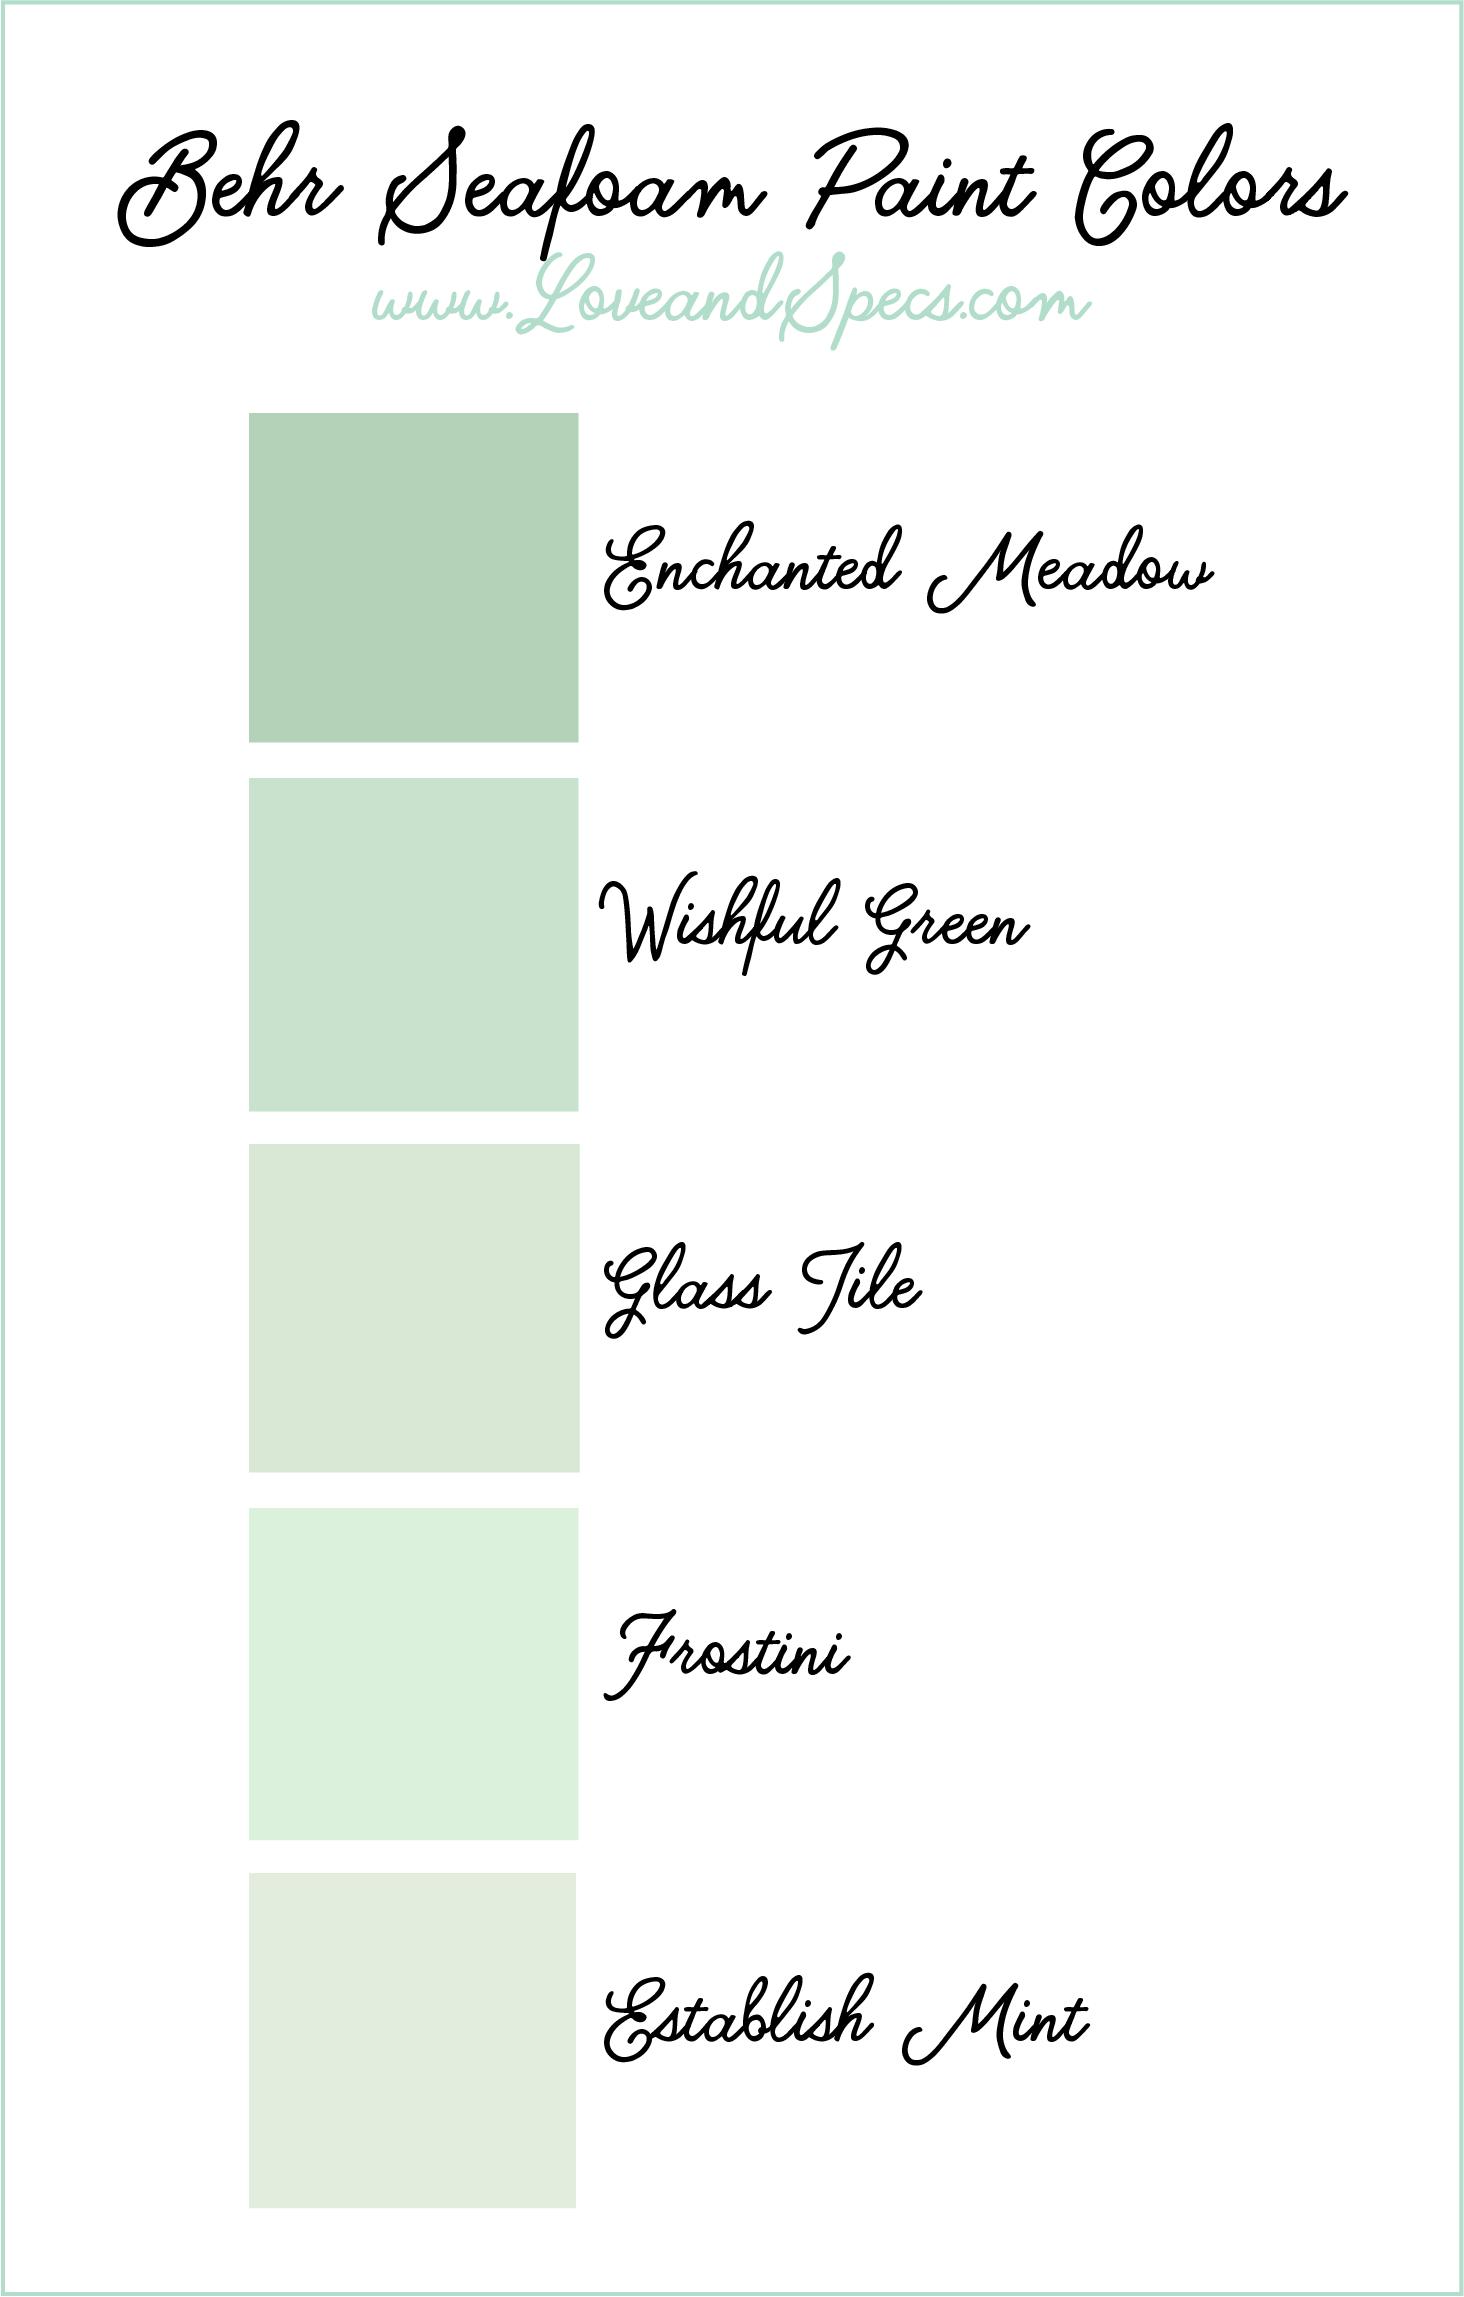 the-best-seafoam-paint-colors.jpeg